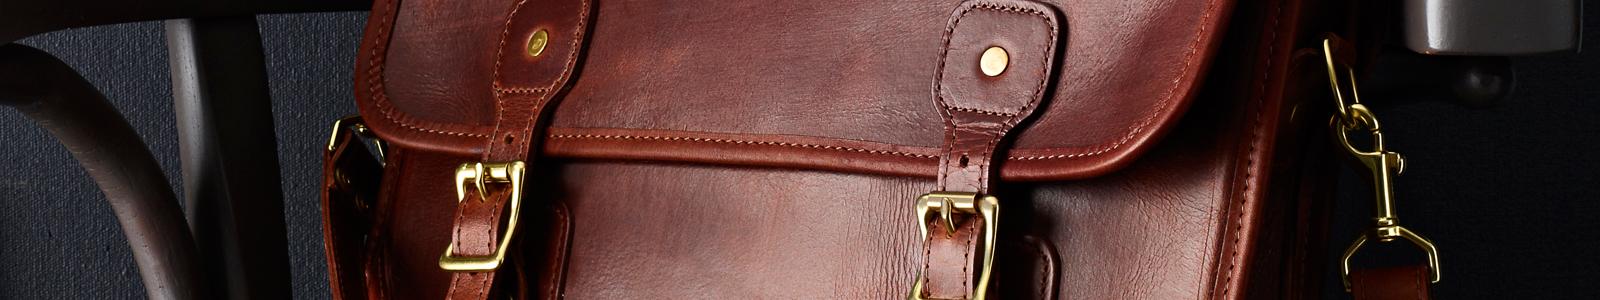 Shop J.W. Hulme Co. Online | Huckberry